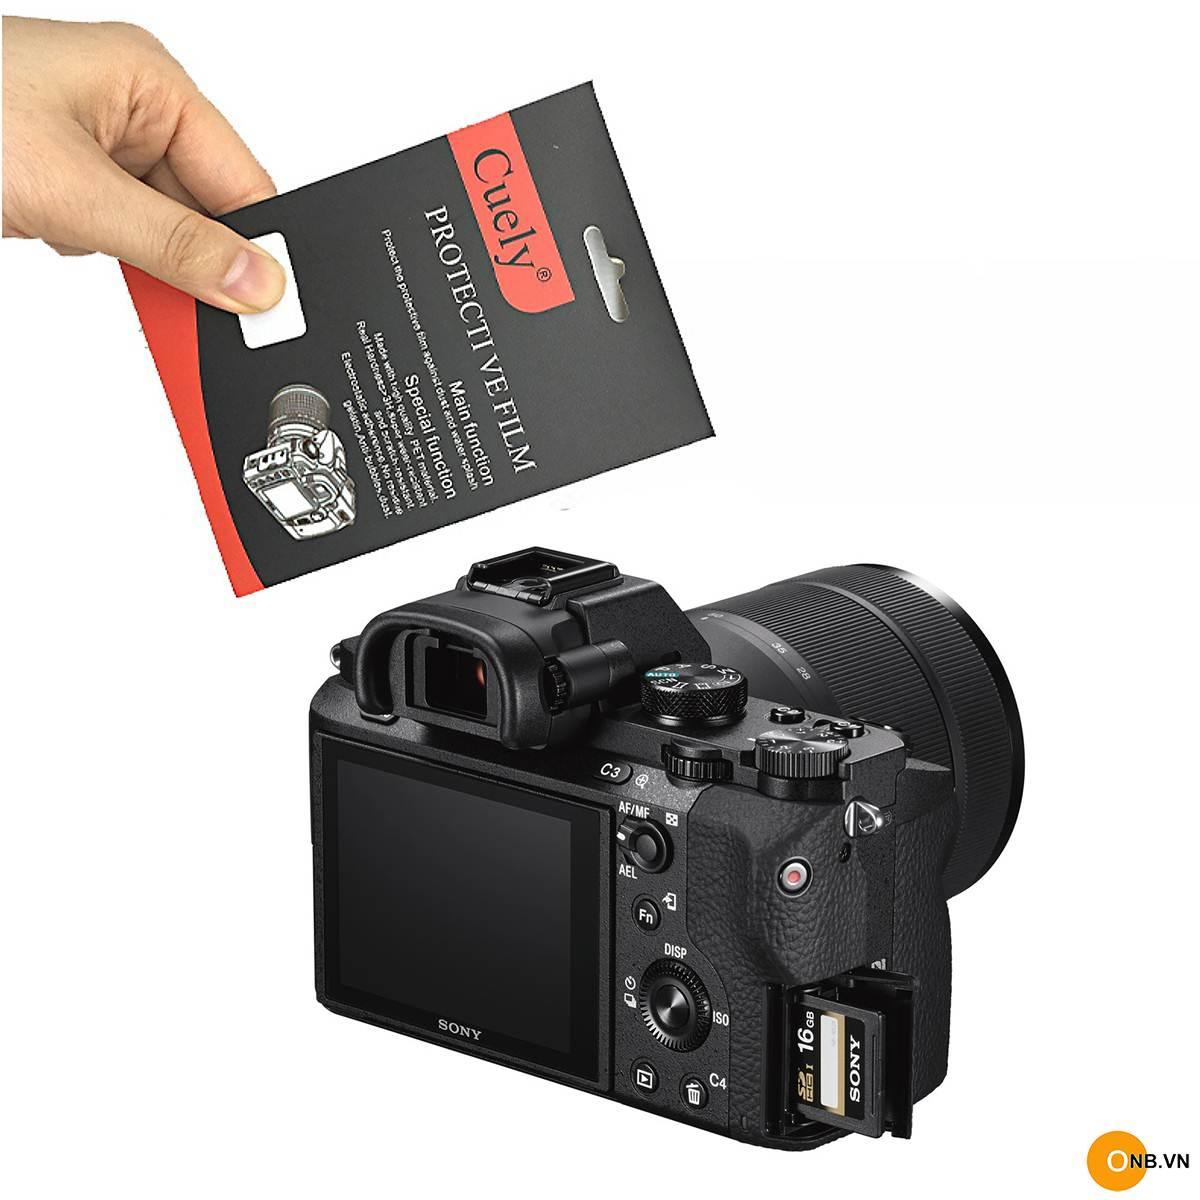 Miếng dán màn hình cường lực máy ảnh Sony A7II A7RII A7SII